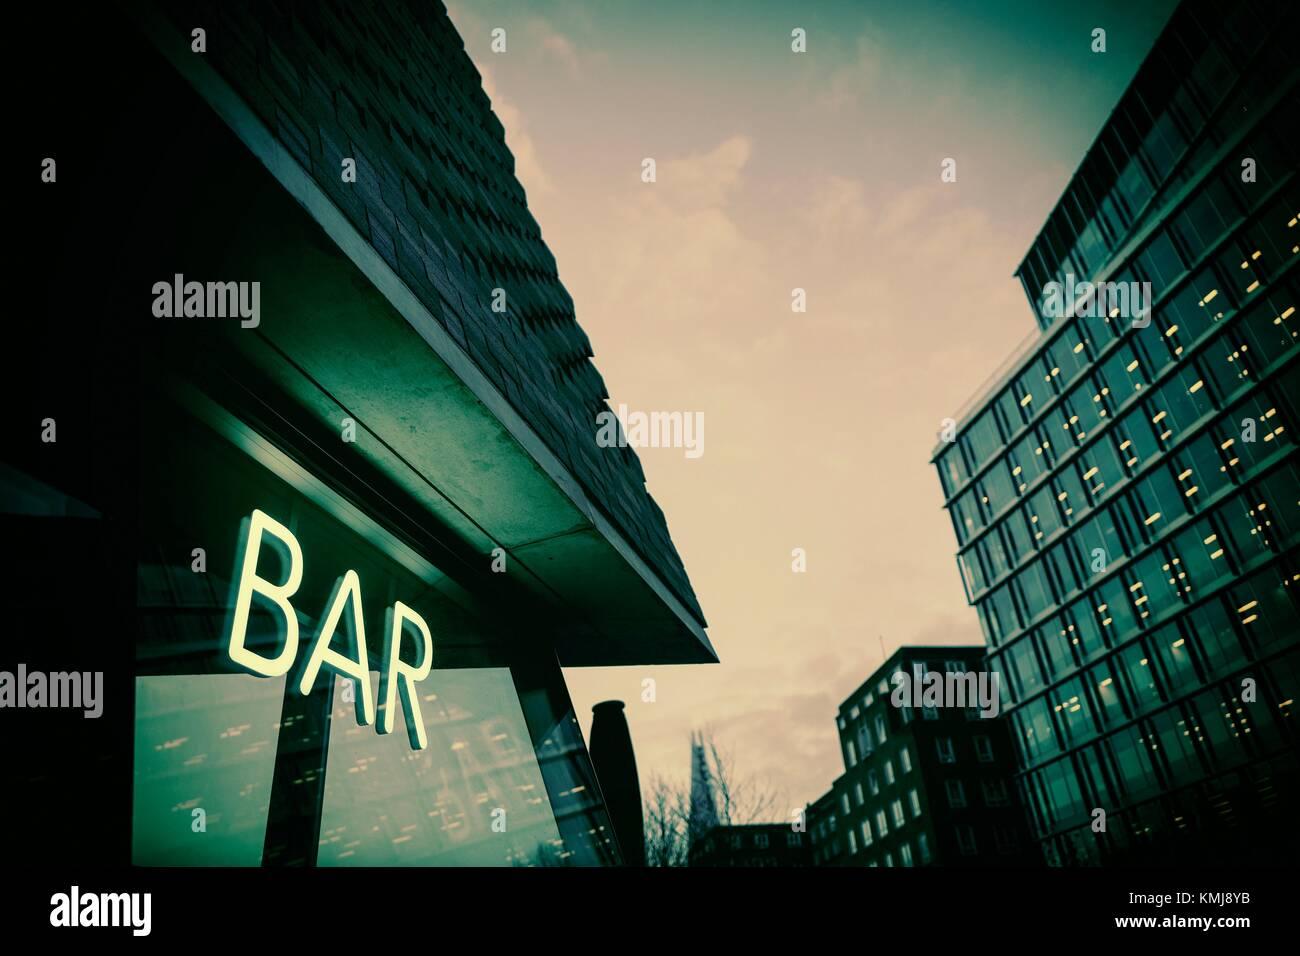 Tate modern bar stock photos tate modern bar stock - Fachadas de bares modernos ...